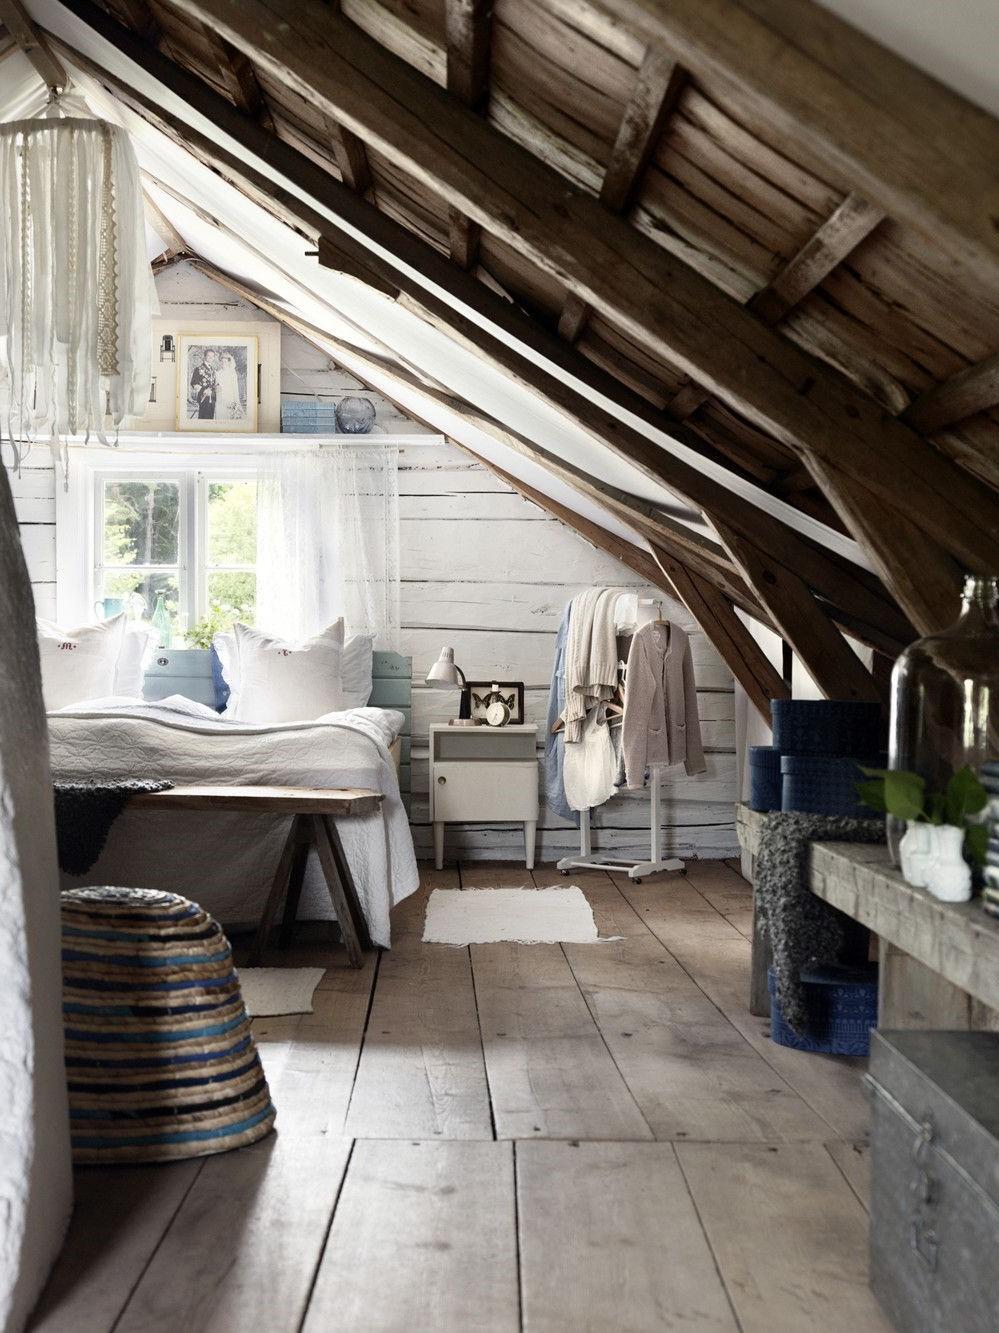 L'espace limité et l'angle des chambres sous les combles vous obligent à faire attention aux choix de meubles.